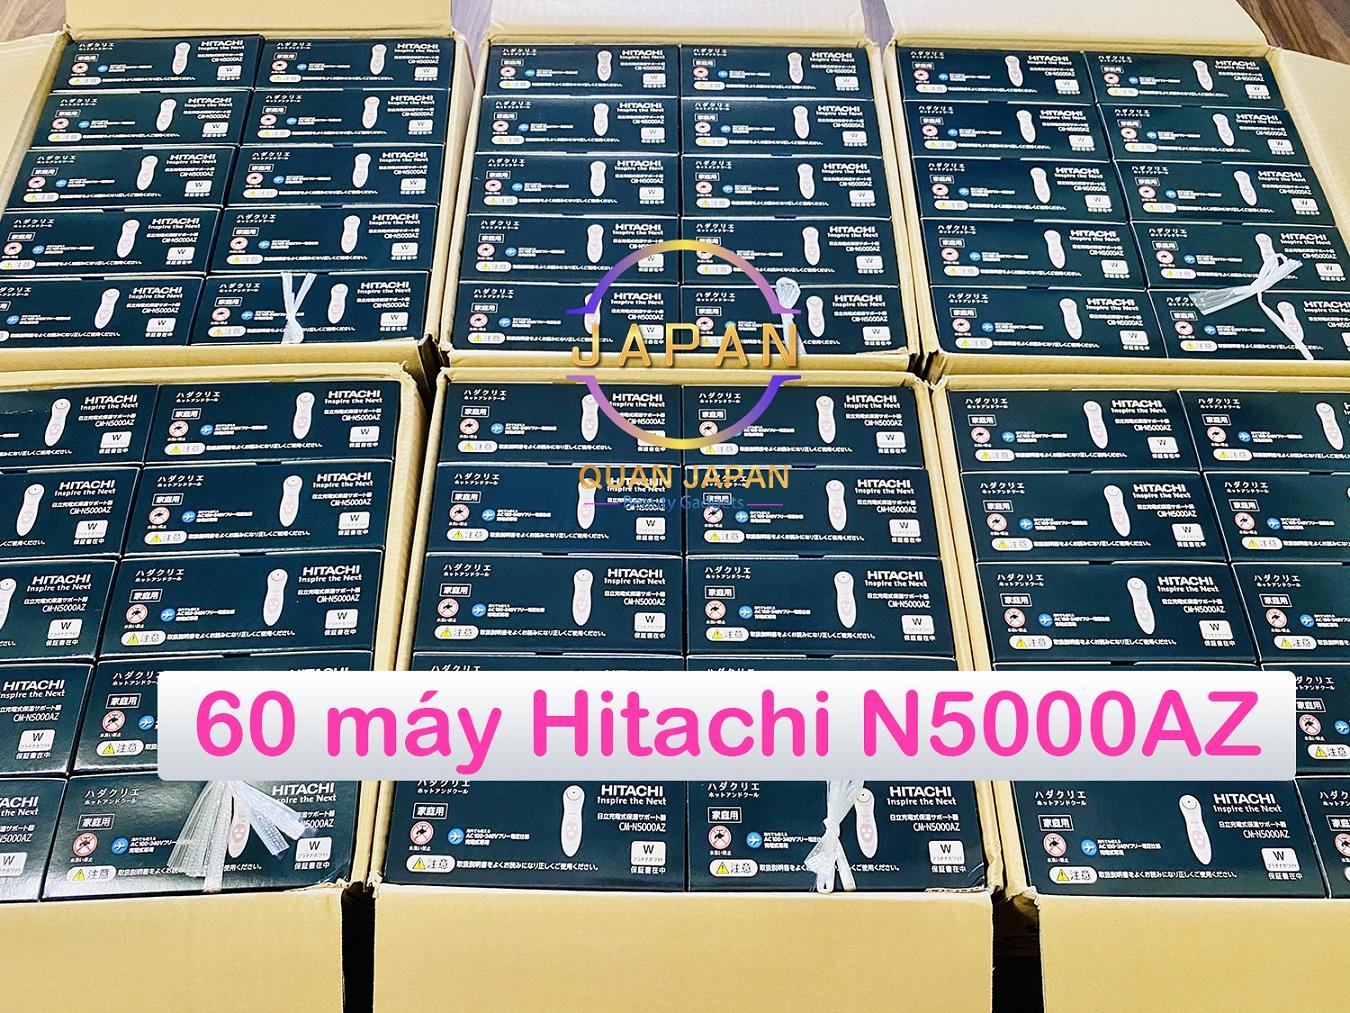 Máy Hitachi Hada Crie N5000 - N5000AZ - N50000UF( Hàng chính hãng, bảo hành 1 năm)